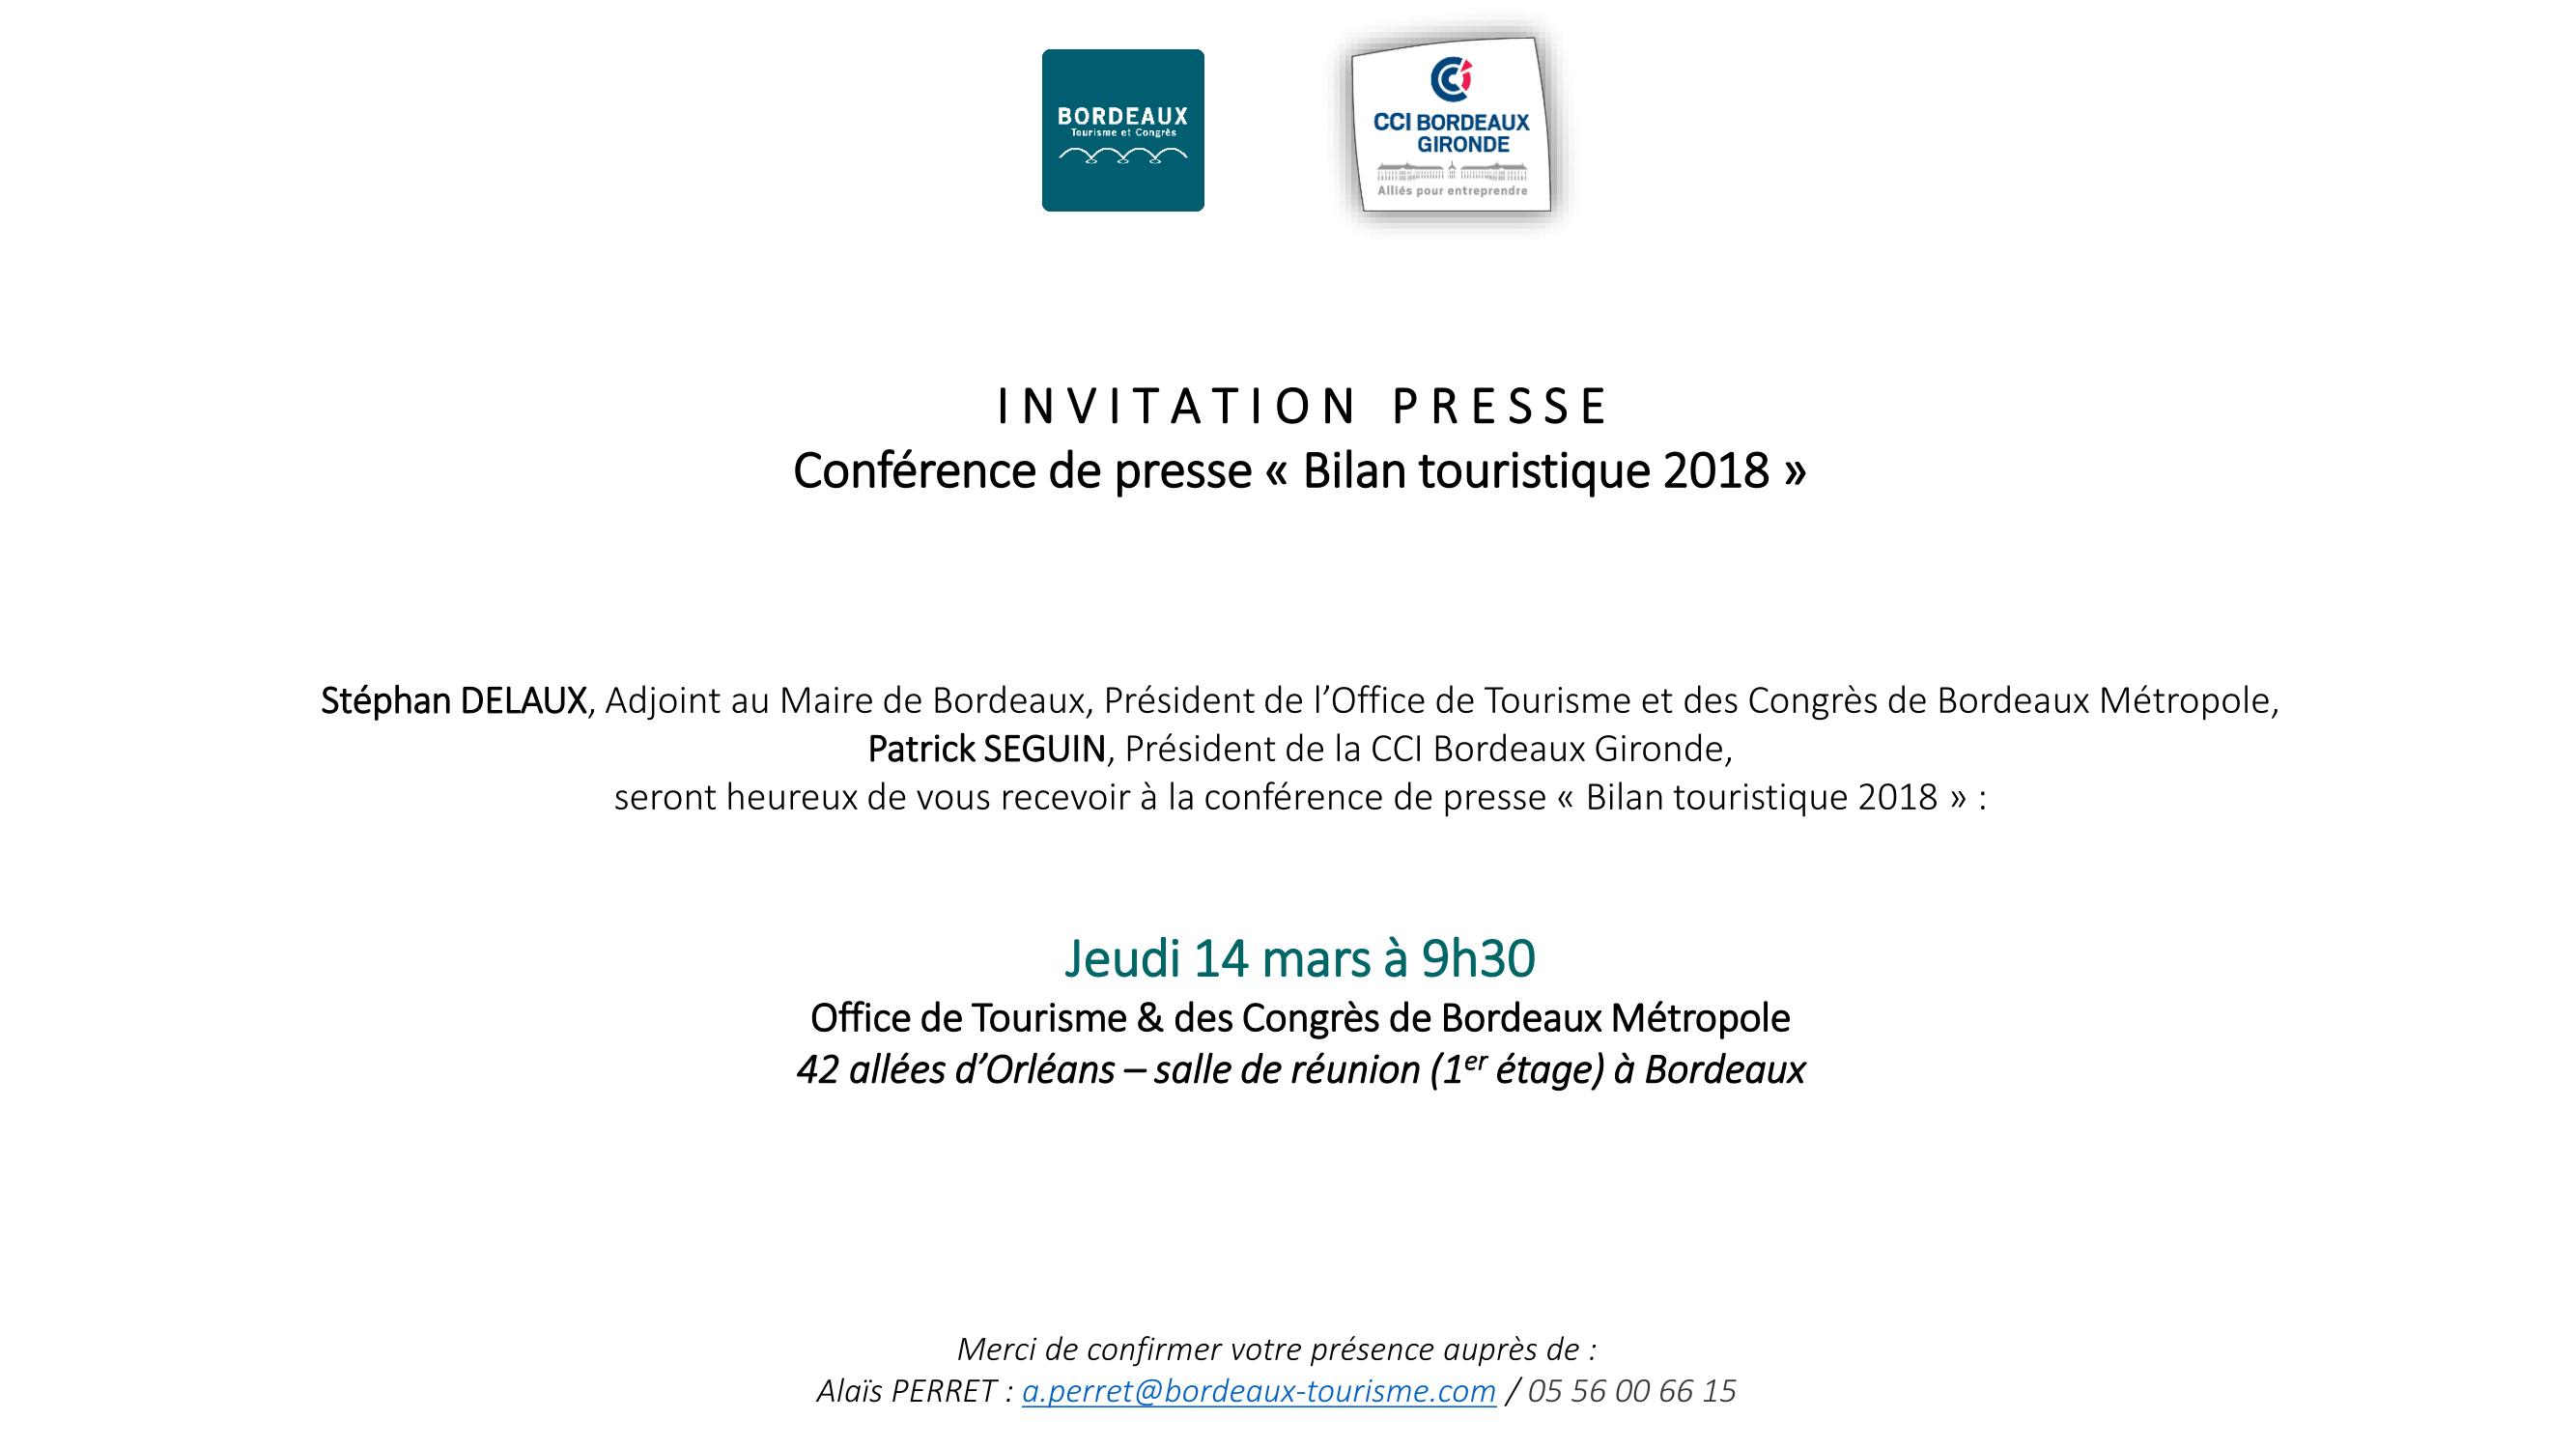 invitation_presse_conference_1403-1